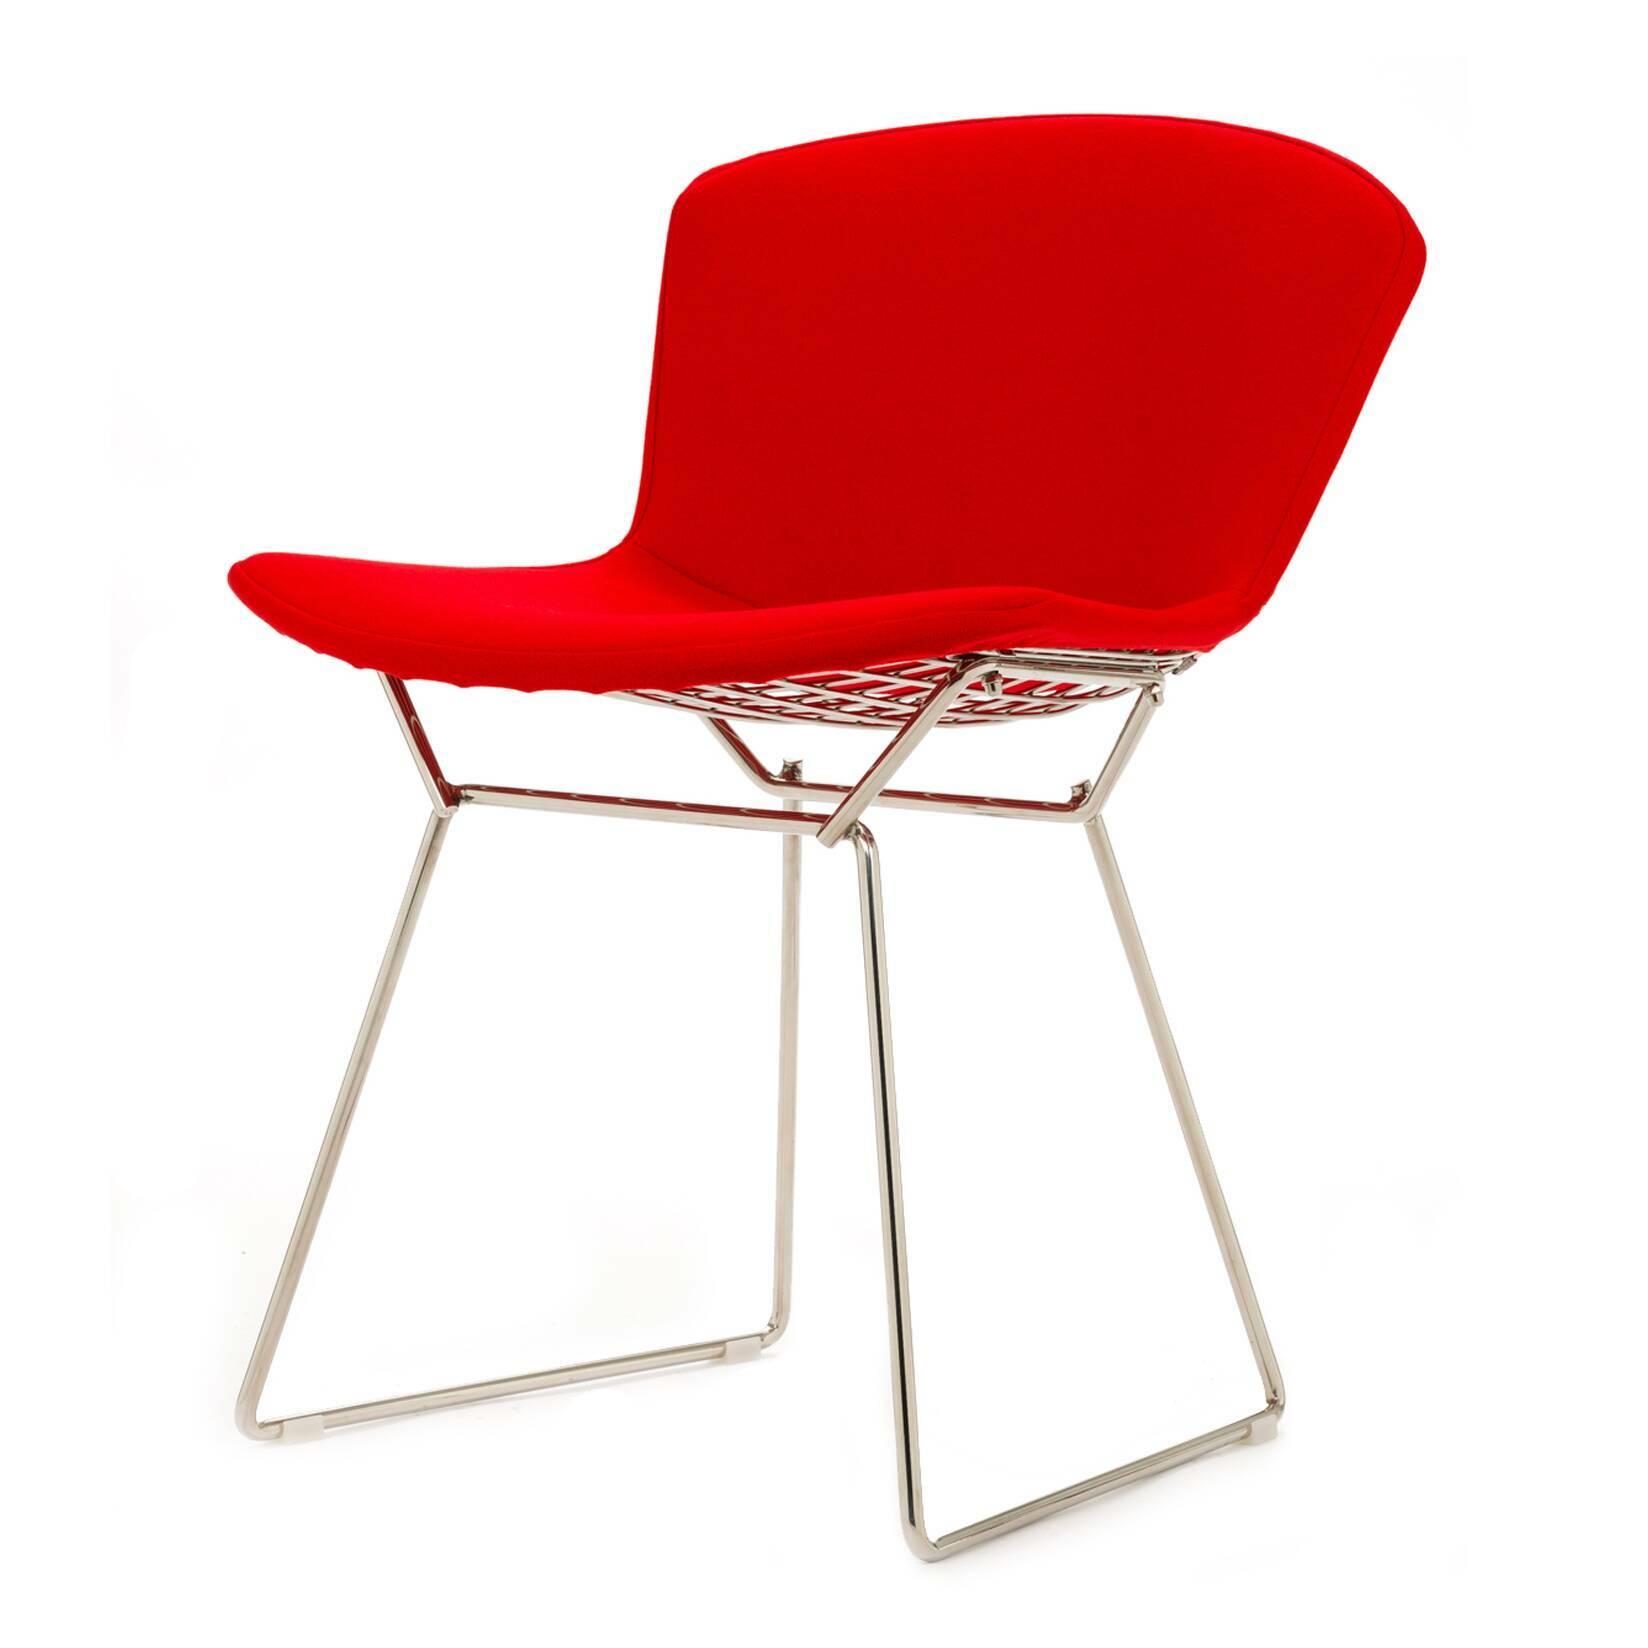 Стул Bertoia с обивкойИнтерьерные<br>Дизайнерский современный легкий однотонный стул Bertoia (Бертола) с тканевой обивкой на тонких металилческих ножках от Cosmo (Космо).<br>Этот ставший классическим для середины XX века современный стул Bertoia являет собой пример отличного дизайна. Экспериментируя над тем, как применить технологию сгибания металлических стержней в практических целях для производства дизайнерской мебели, Гарри Бертойя пополнил коллекцию наиболее почитаемых предметов мебели своим изящным стулом без подлокотников B...<br><br>stock: 0<br>Высота: 74<br>Высота сиденья: 43<br>Ширина: 52,5<br>Глубина: 57,5<br>Цвет ножек: Хром<br>Материал сидения: Шерсть, Нейлон<br>Цвет сидения: Красный<br>Тип материала сидения: Ткань<br>Коллекция ткани: T Fabric<br>Тип материала ножек: Сталь нержавеющая